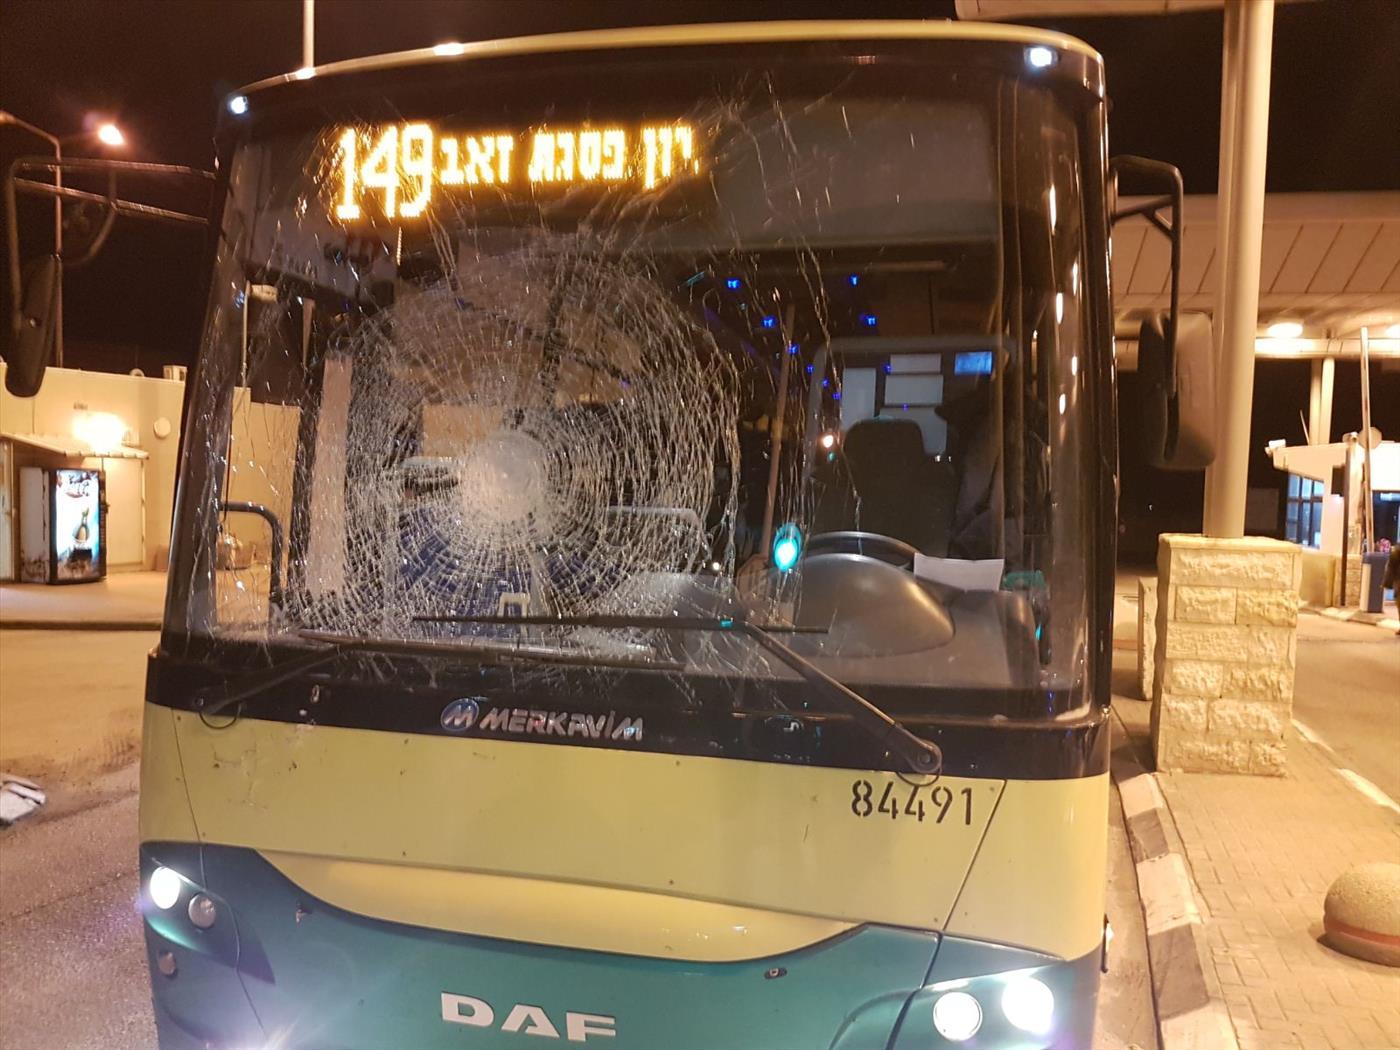 אוטובוס שנרגם באיזור חיזמה. ארכיון (צילום: אהוד אמיתון TPS)